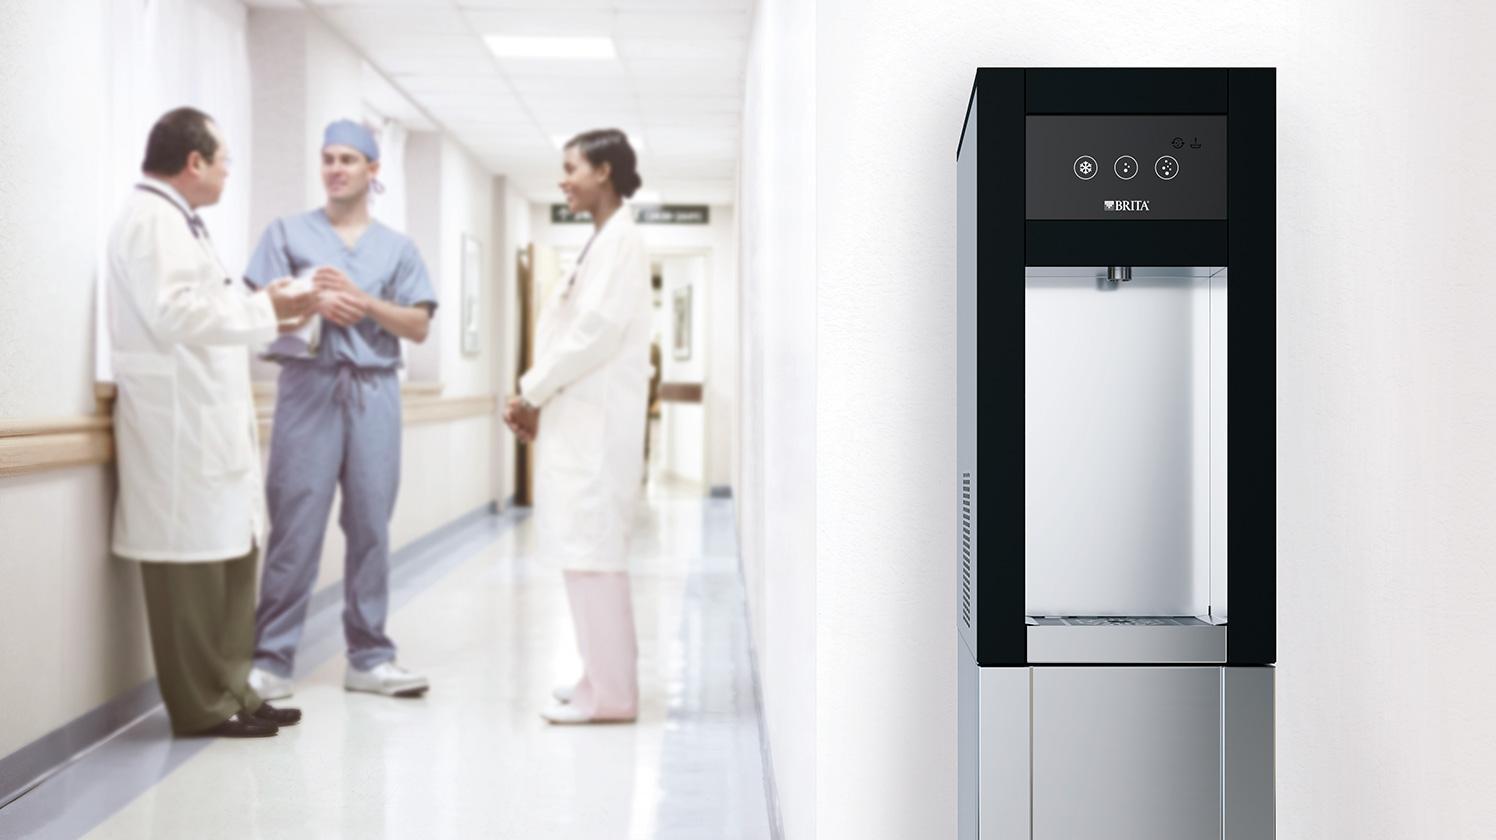 Filtro BRITA CLARITY Protect pasillo del hospital